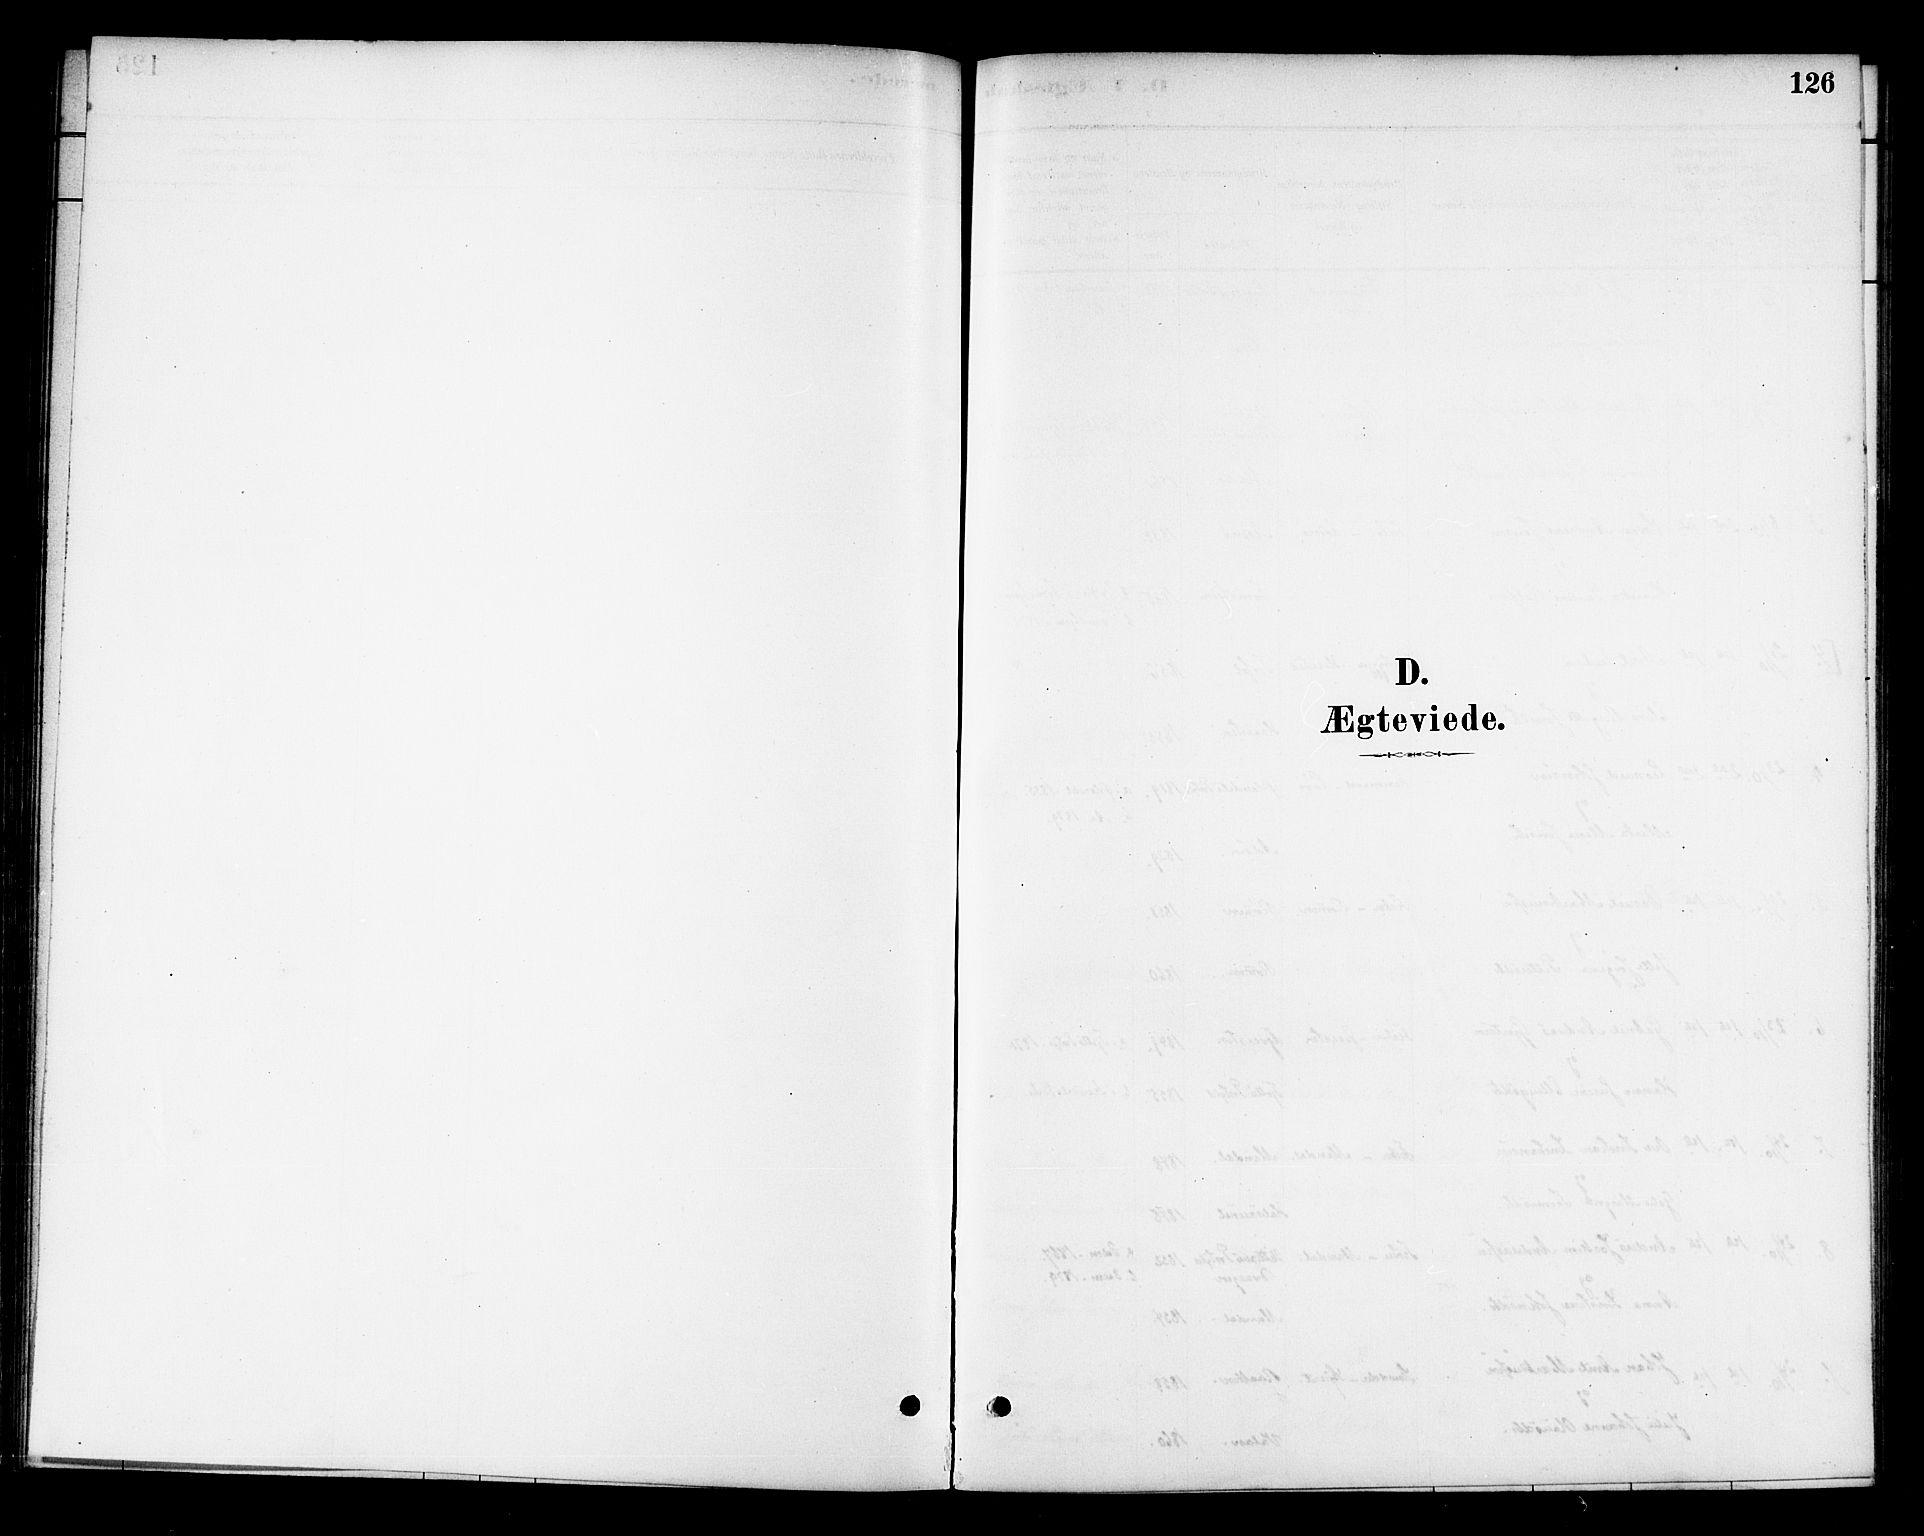 SAT, Ministerialprotokoller, klokkerbøker og fødselsregistre - Sør-Trøndelag, 654/L0663: Ministerialbok nr. 654A01, 1880-1894, s. 126